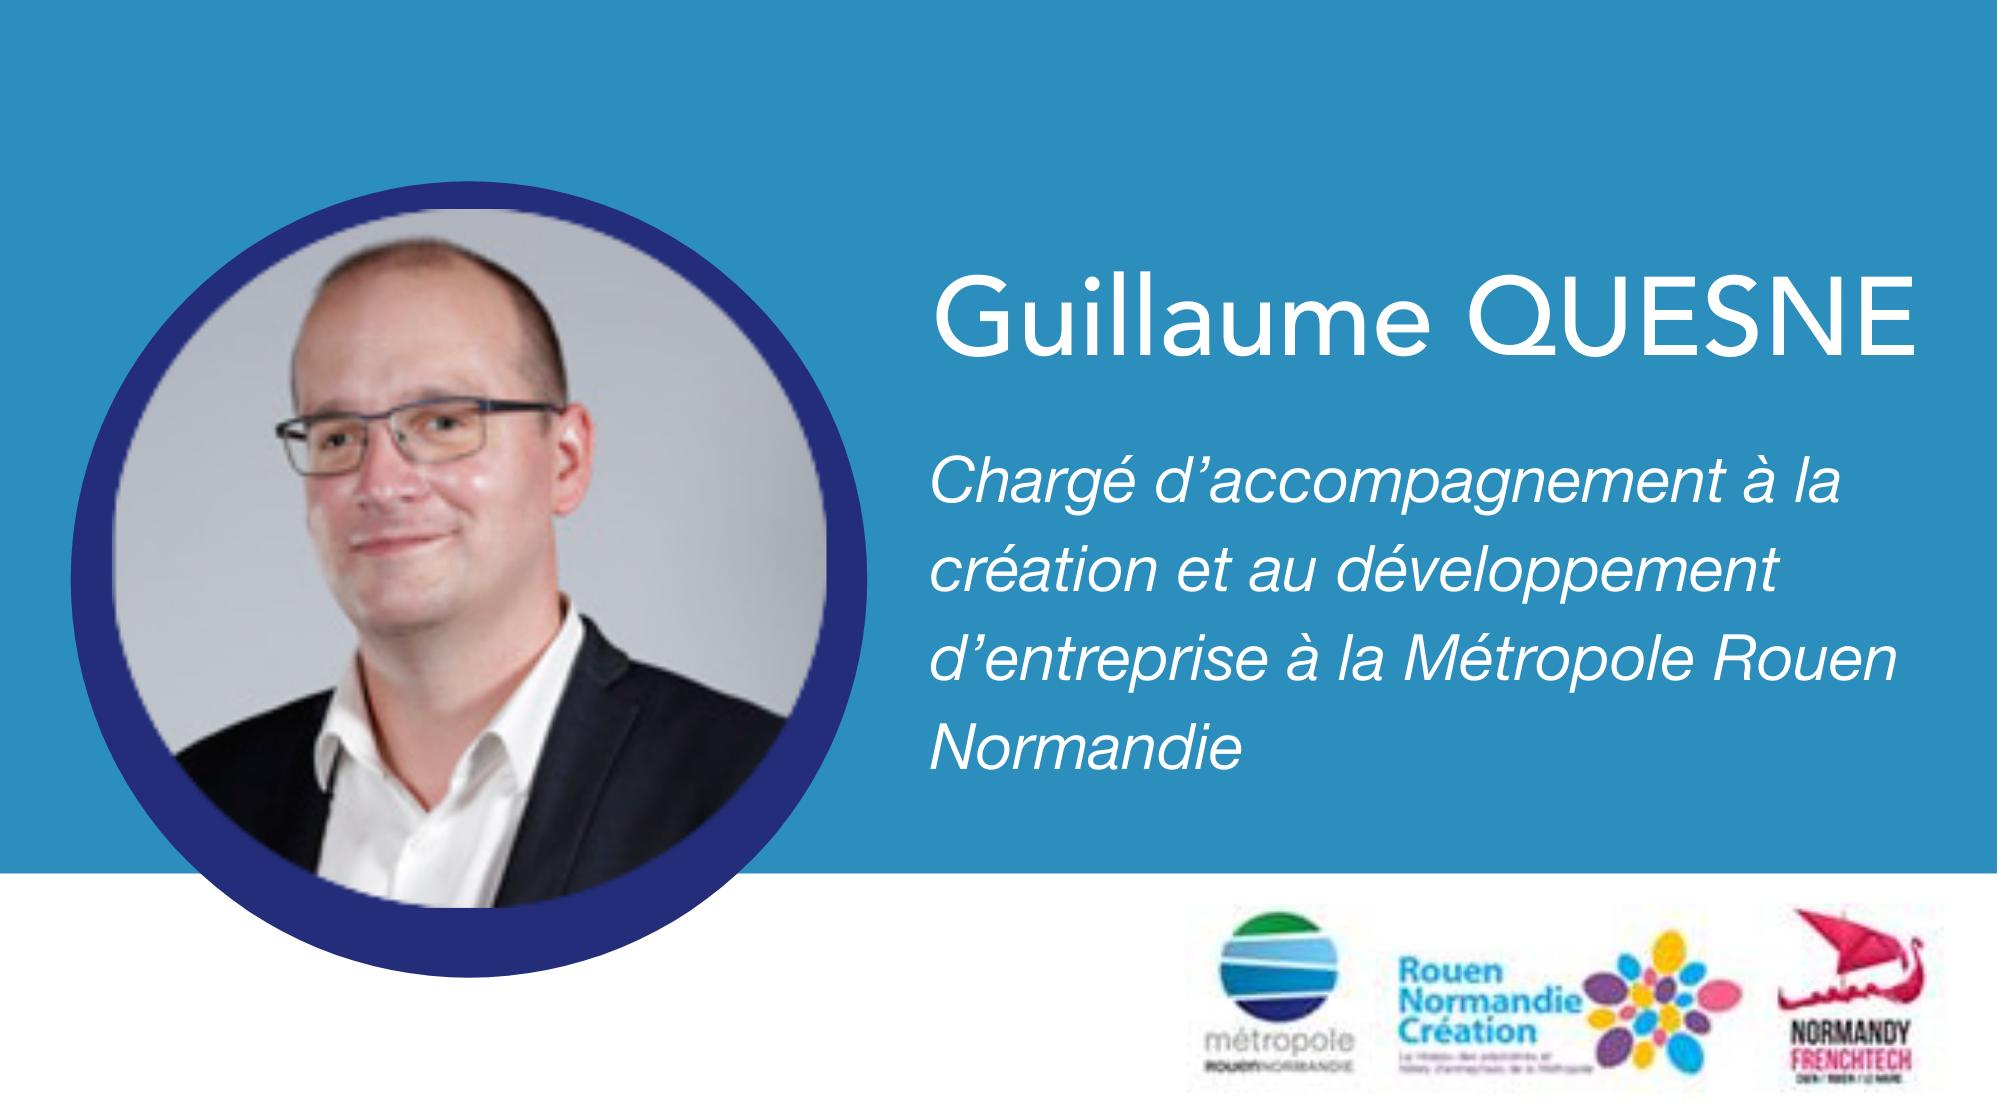 Entrevue avec Guillaume Quesne